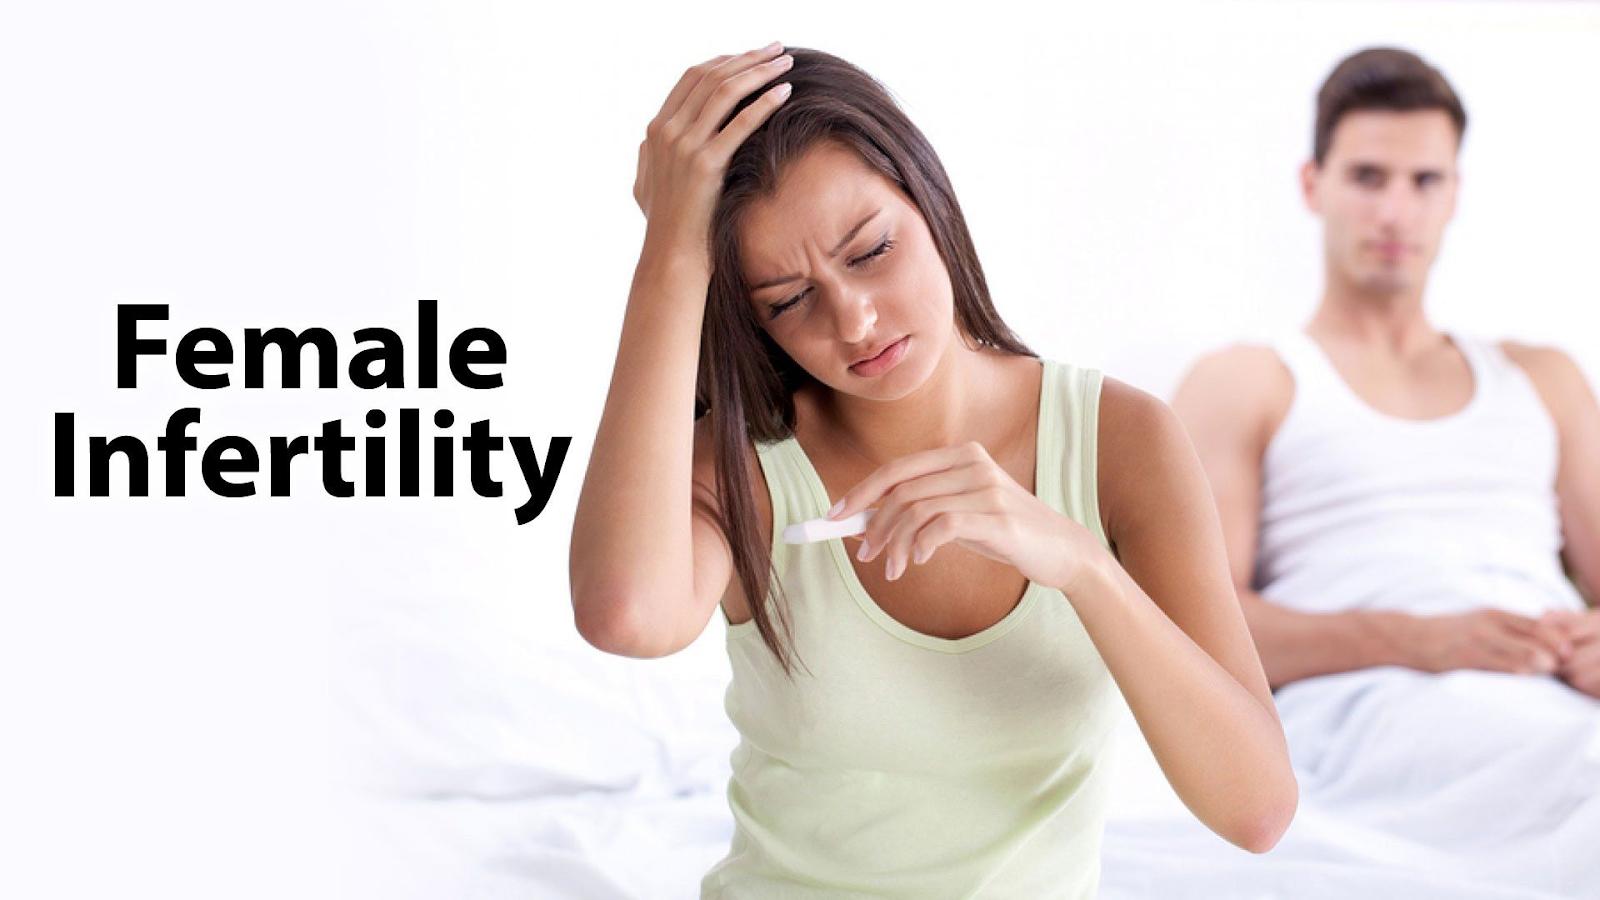 Best female infertility treatment in Hyderabad, male fertility doctor near Banjara Hills